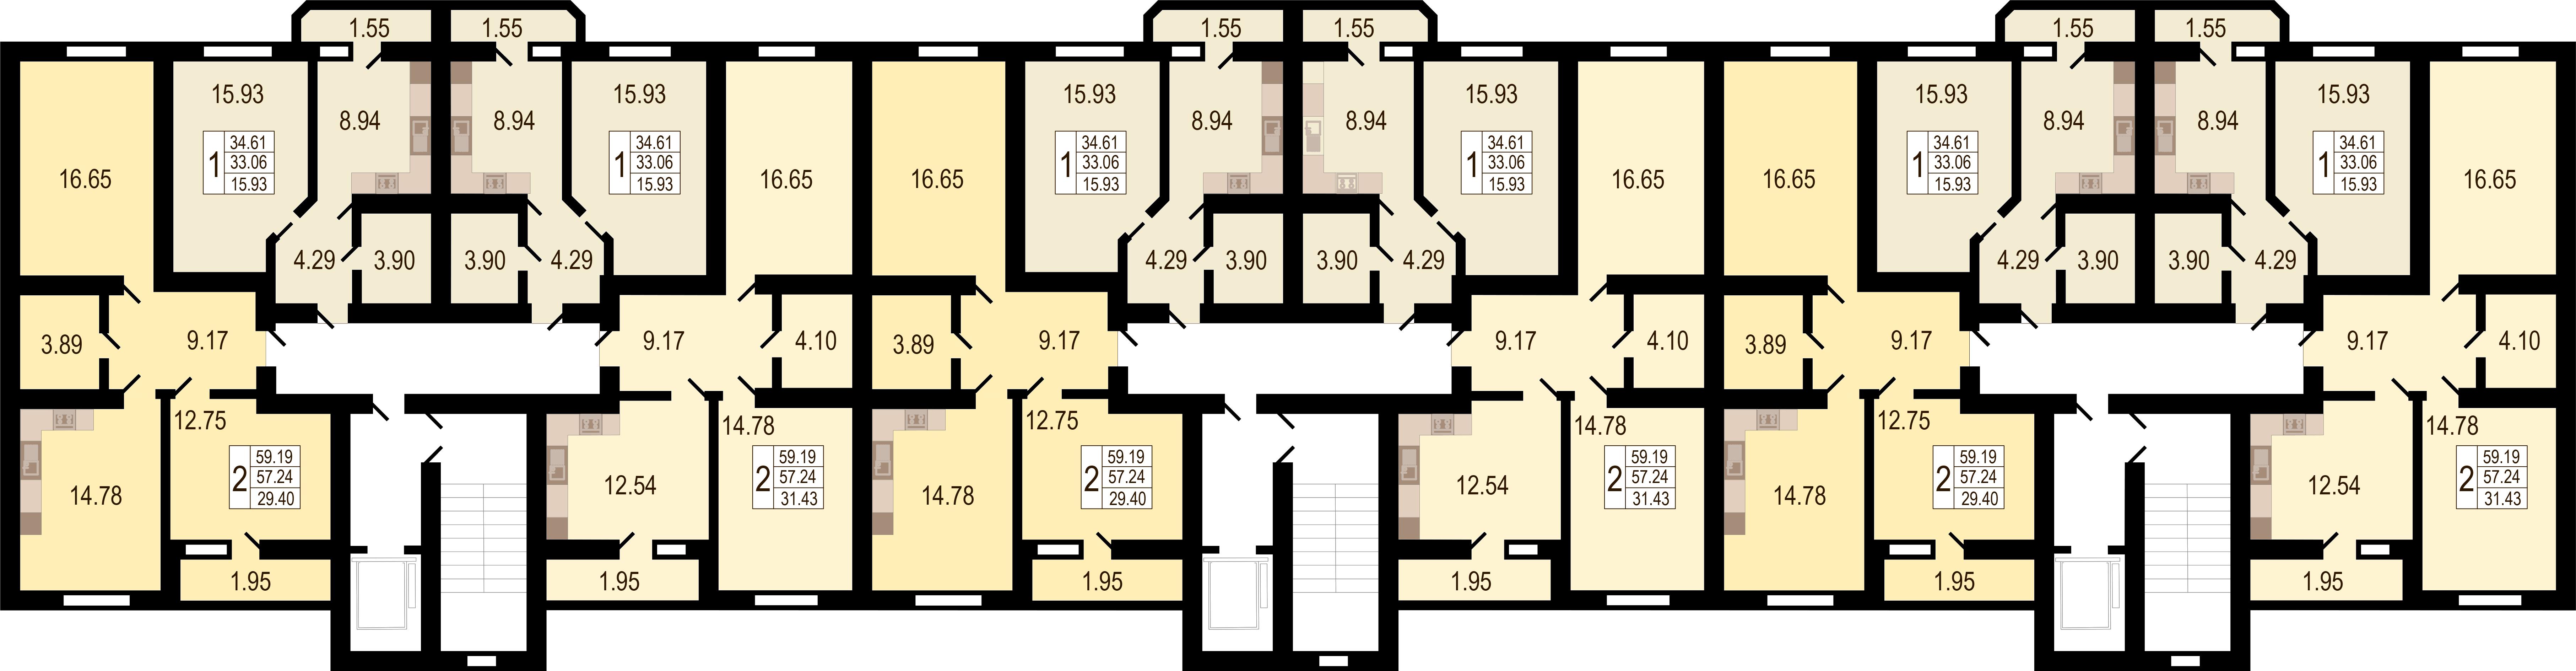 Купить однокомнатную квартиру в Краснодаре, 27,4 м², Южное Сияние